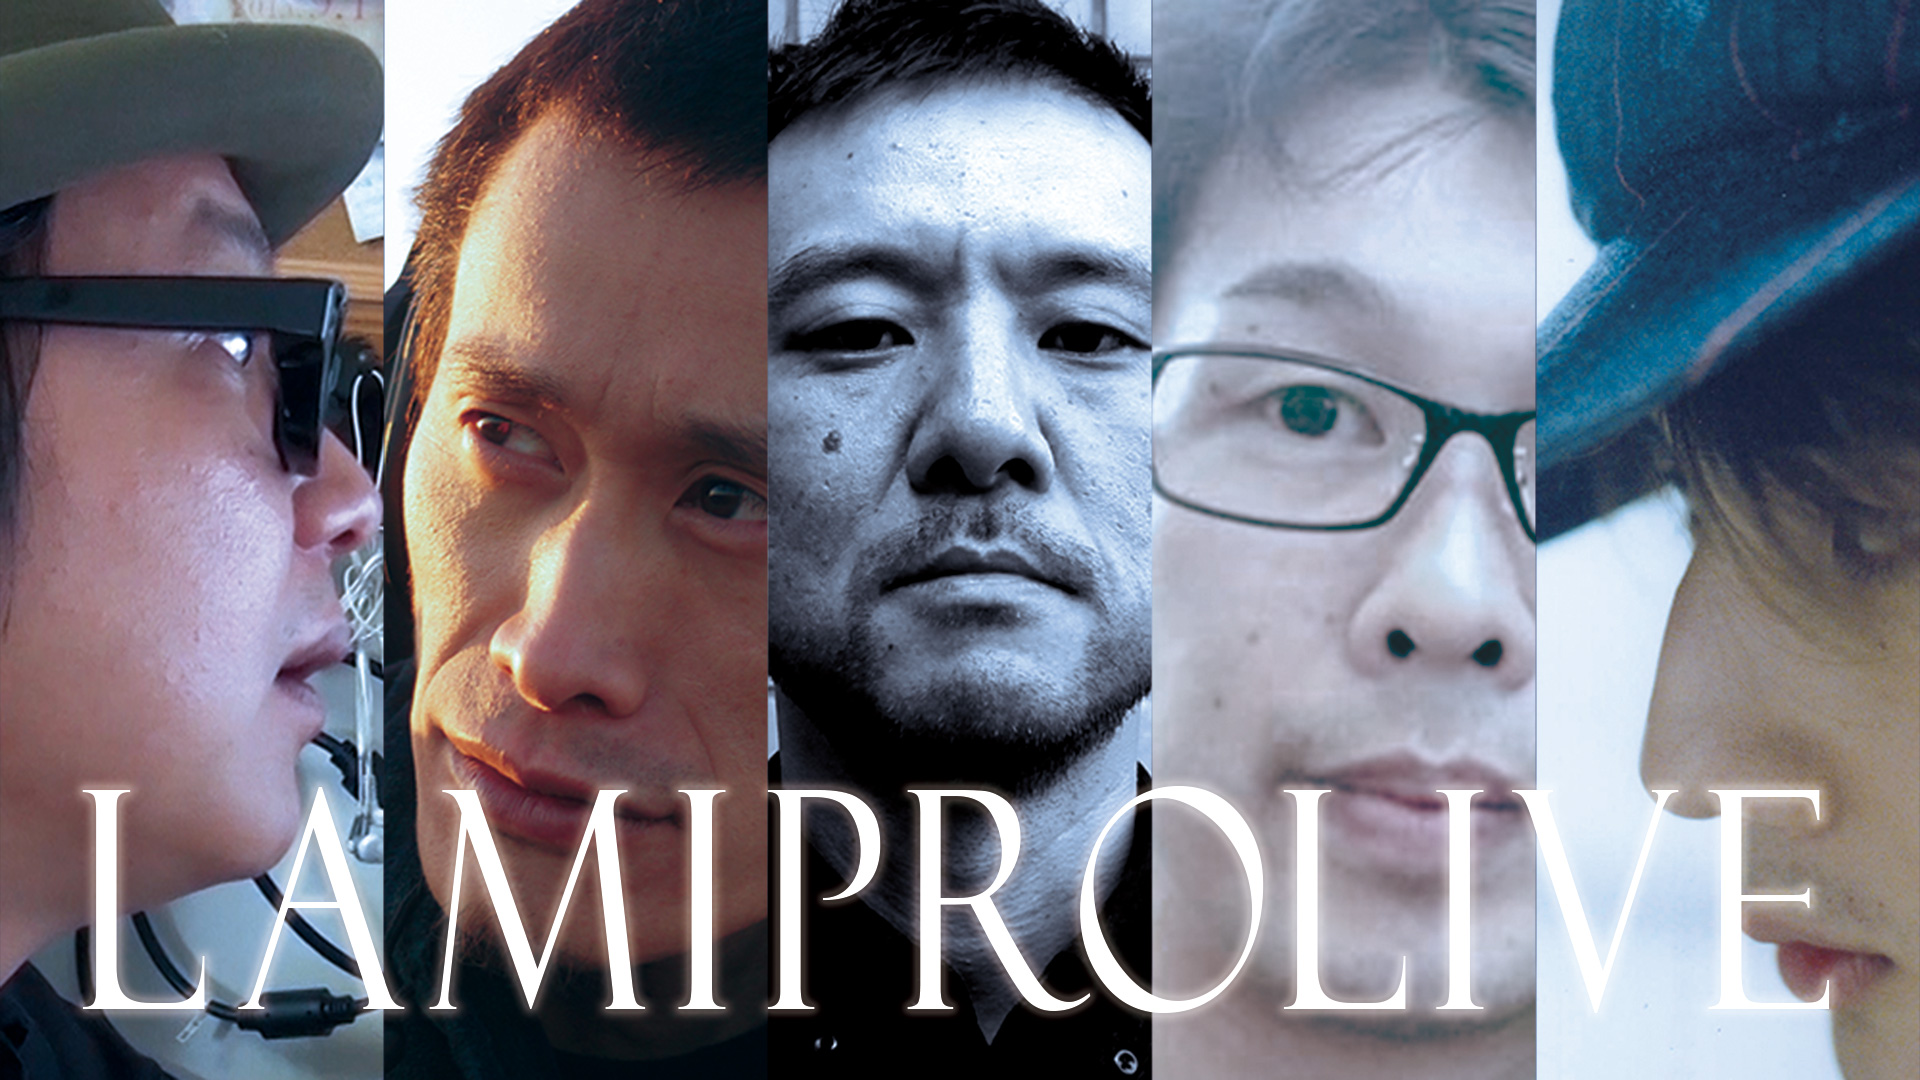 ラミプロライブ Vol.2